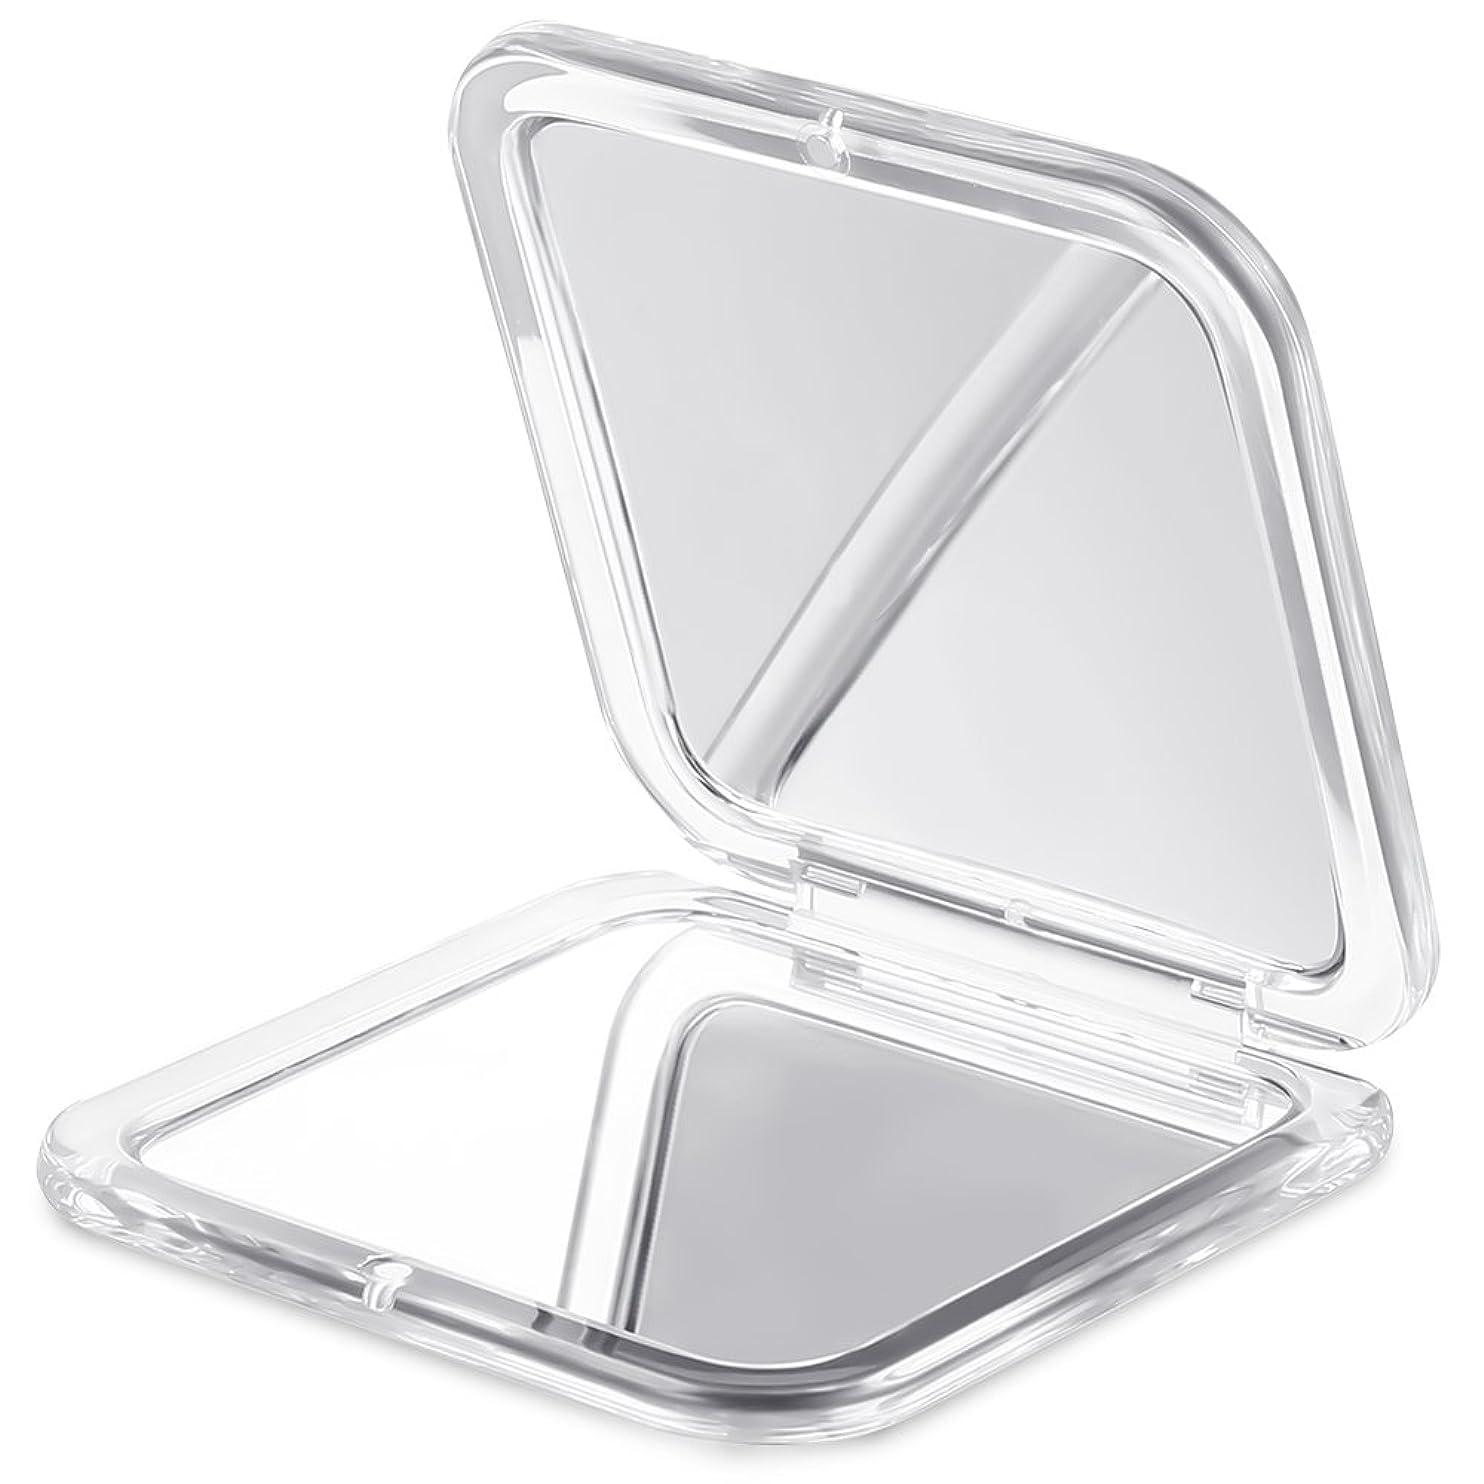 ラベル殉教者母Jerrybox 両面コンパクトミラー 化粧鏡 拡大鏡 5倍拡大+等倍鏡 折りたたみ式 コンパクト鏡 携帯ミラー 外出に